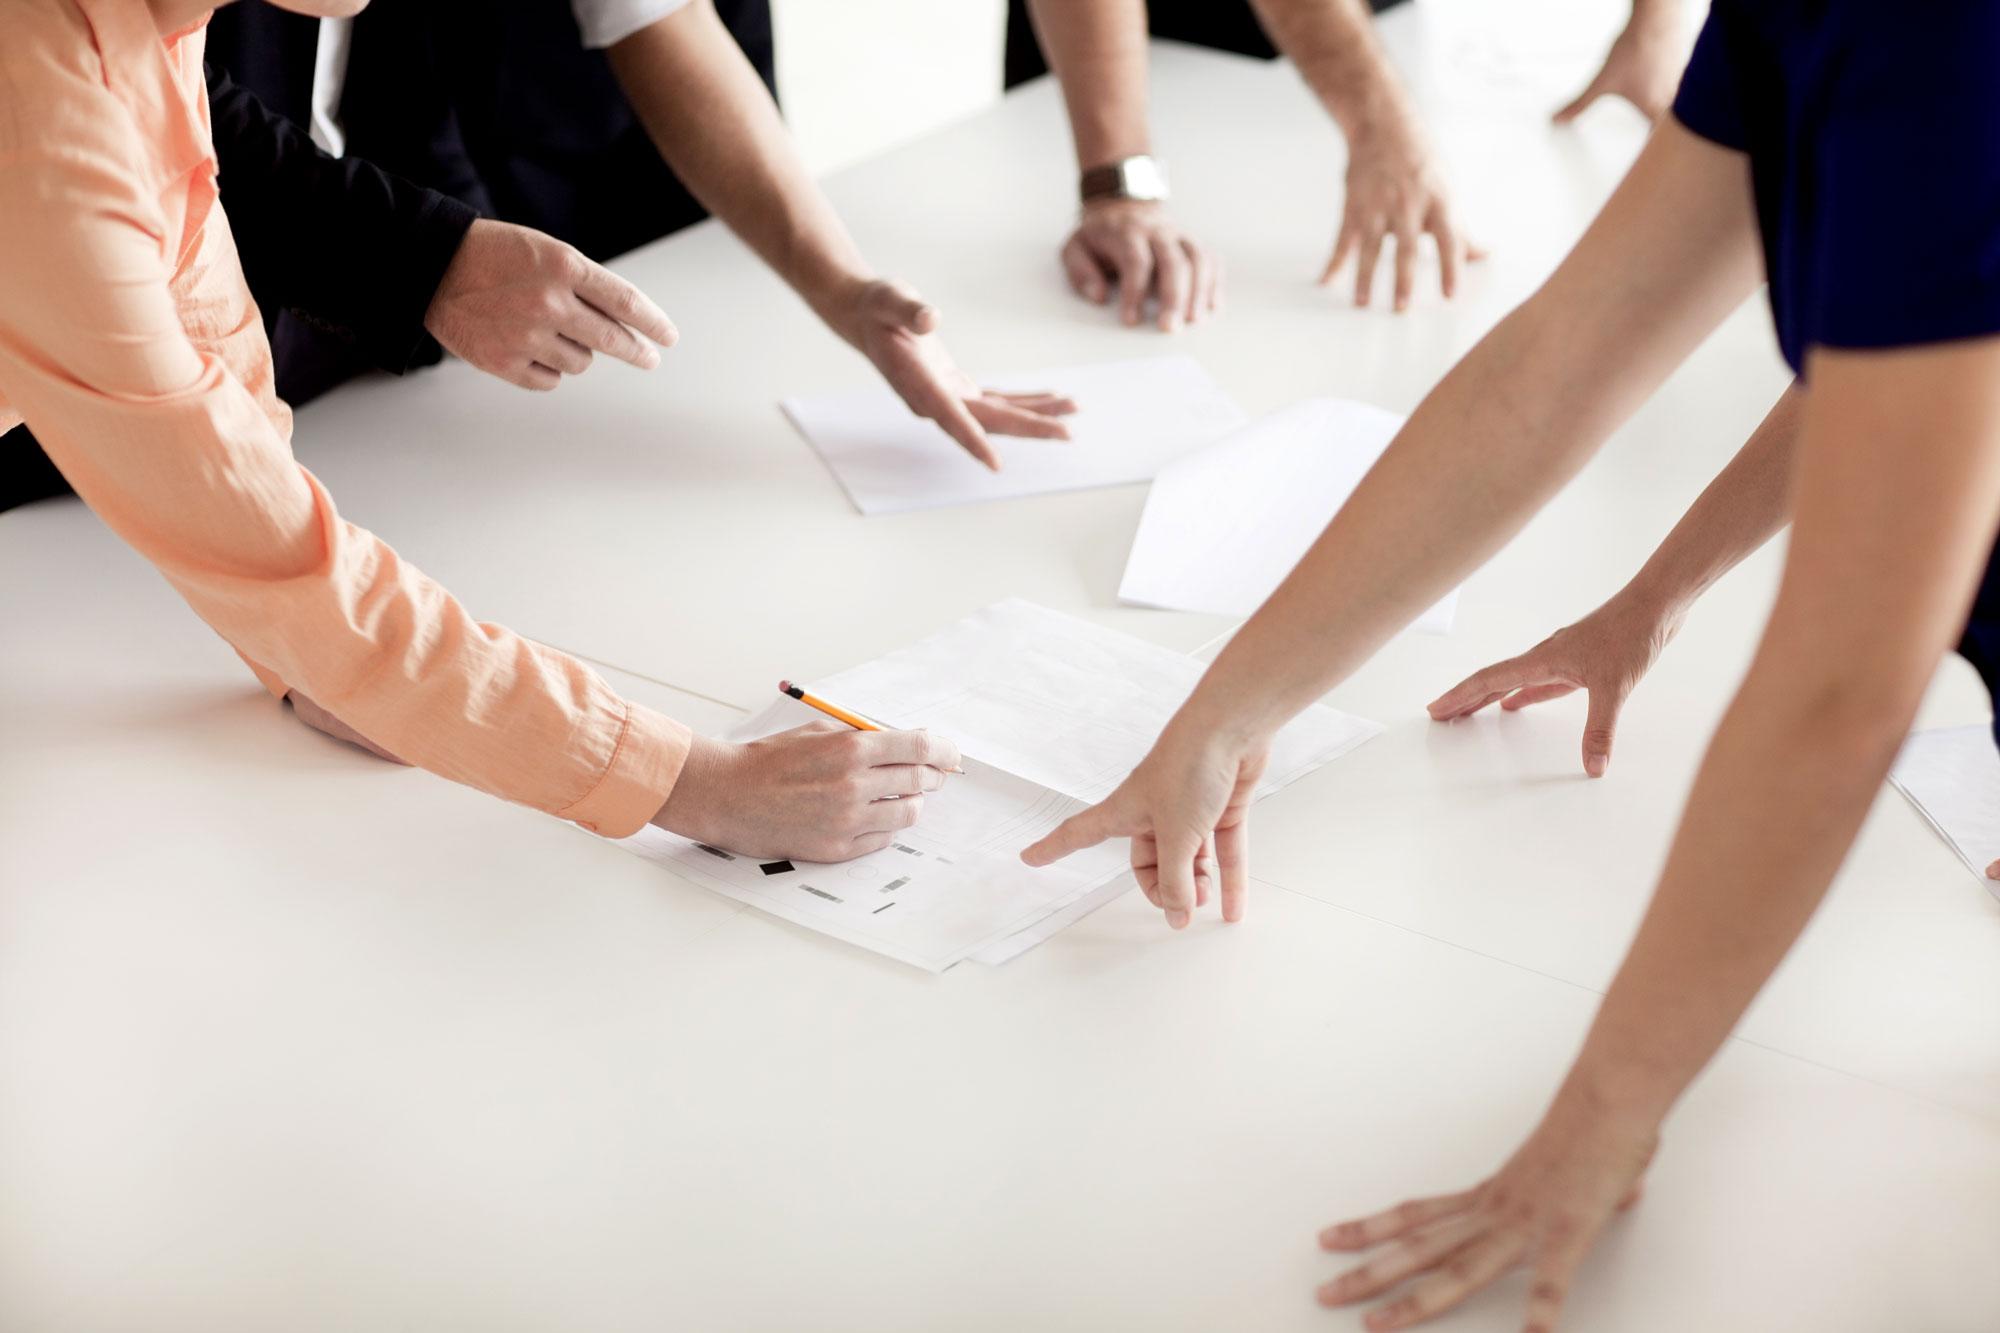 Crescita e coinvolgimento dei collaboratori